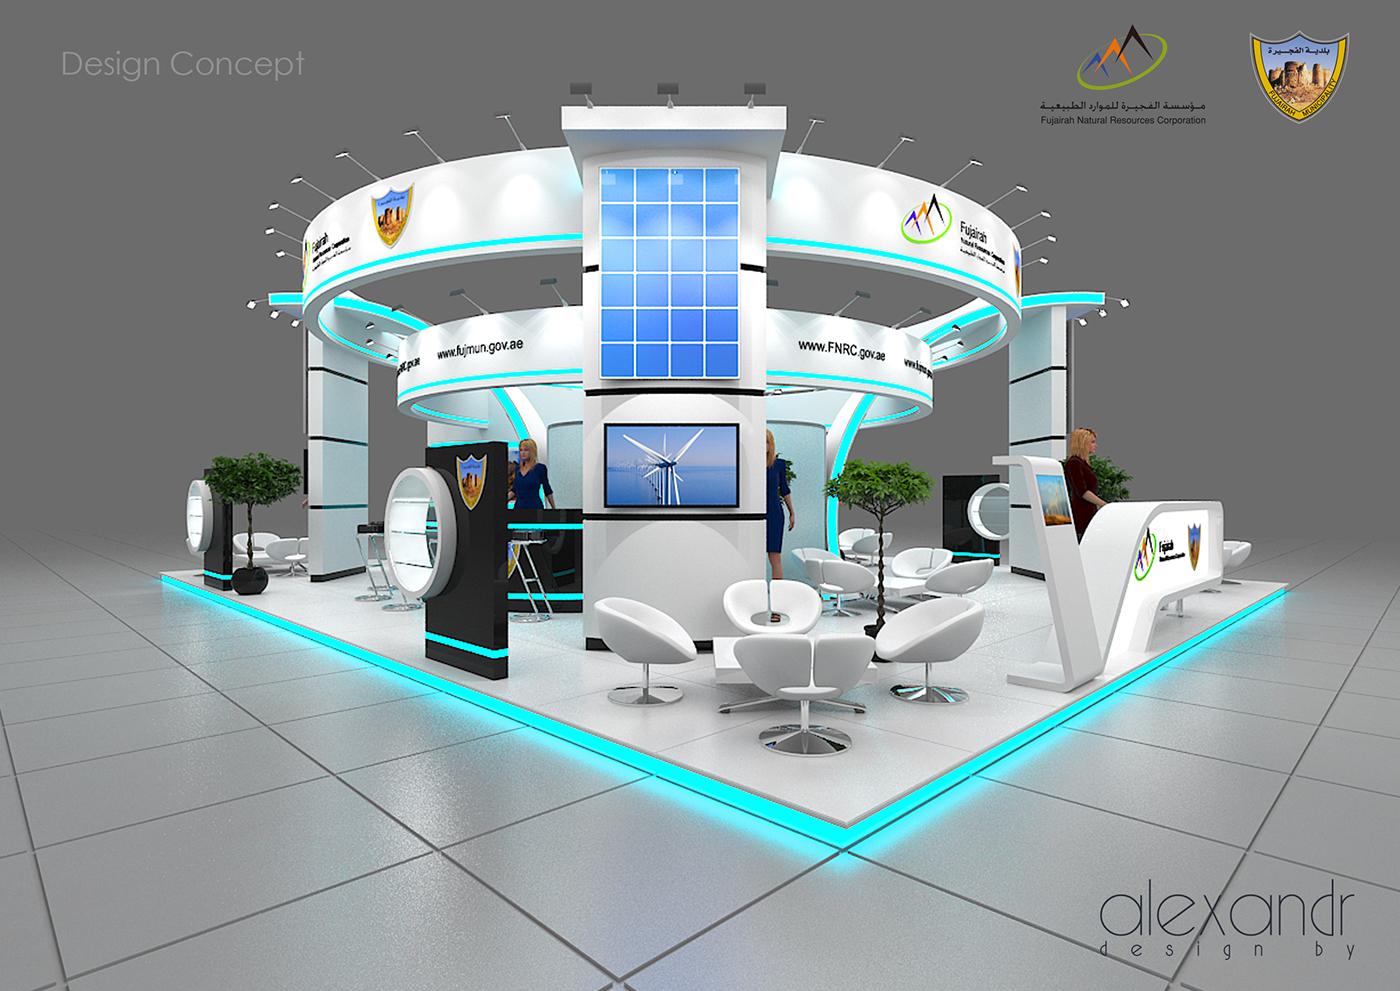 Exhibition Stand Design Behance : Exhibition stand designe on behance